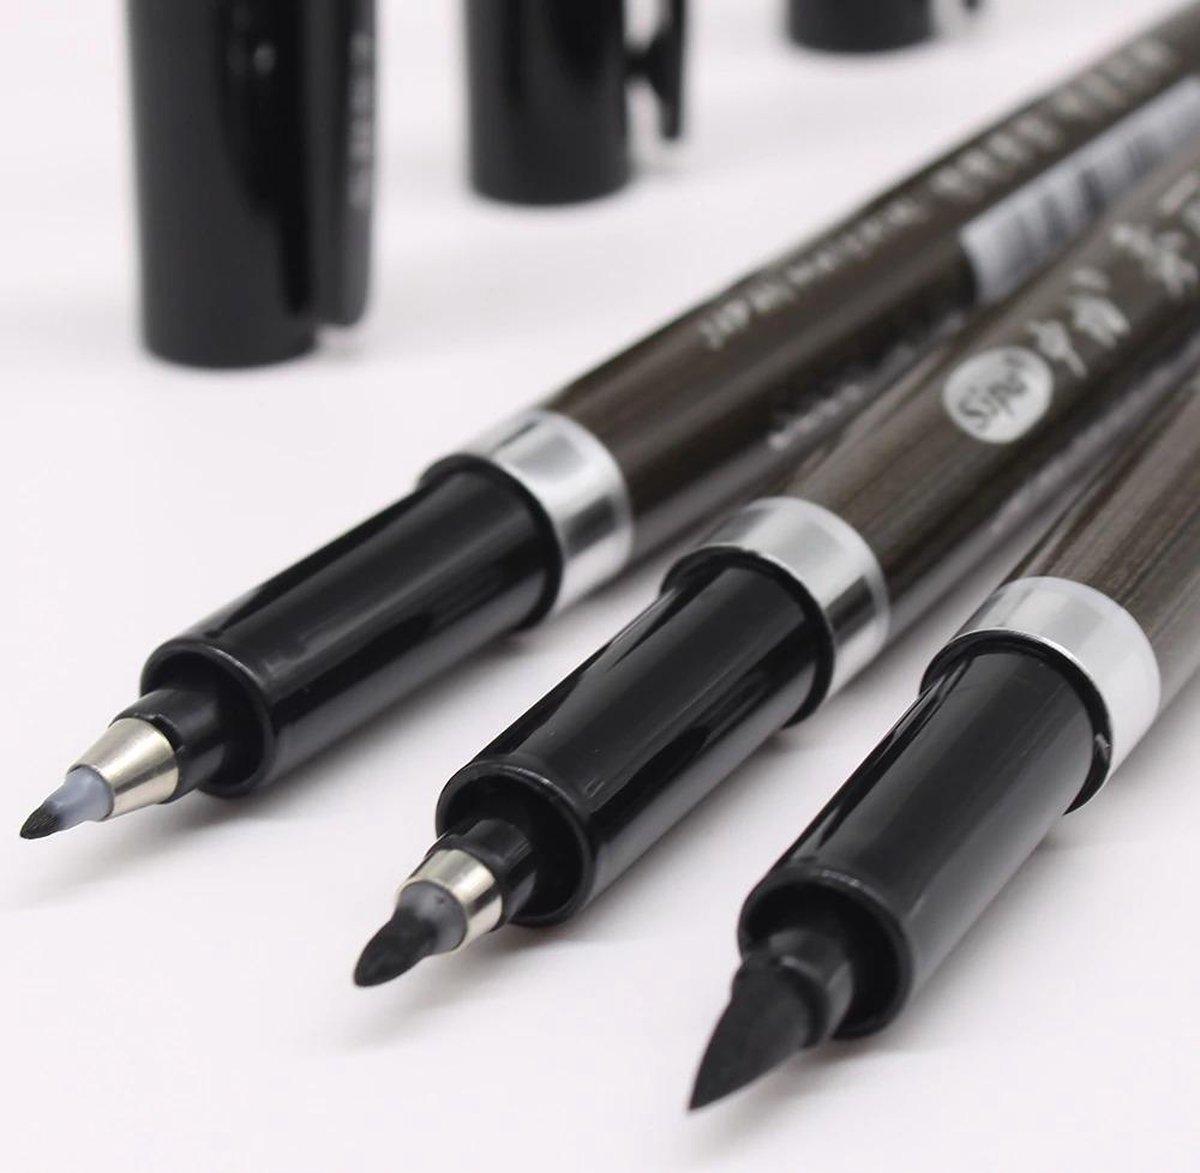 Kalligrafie set - kalligrafie stiften - kalligrafie set voor beginners - 3 stuks - kalligrafie pennen - kalligrafie pennen set